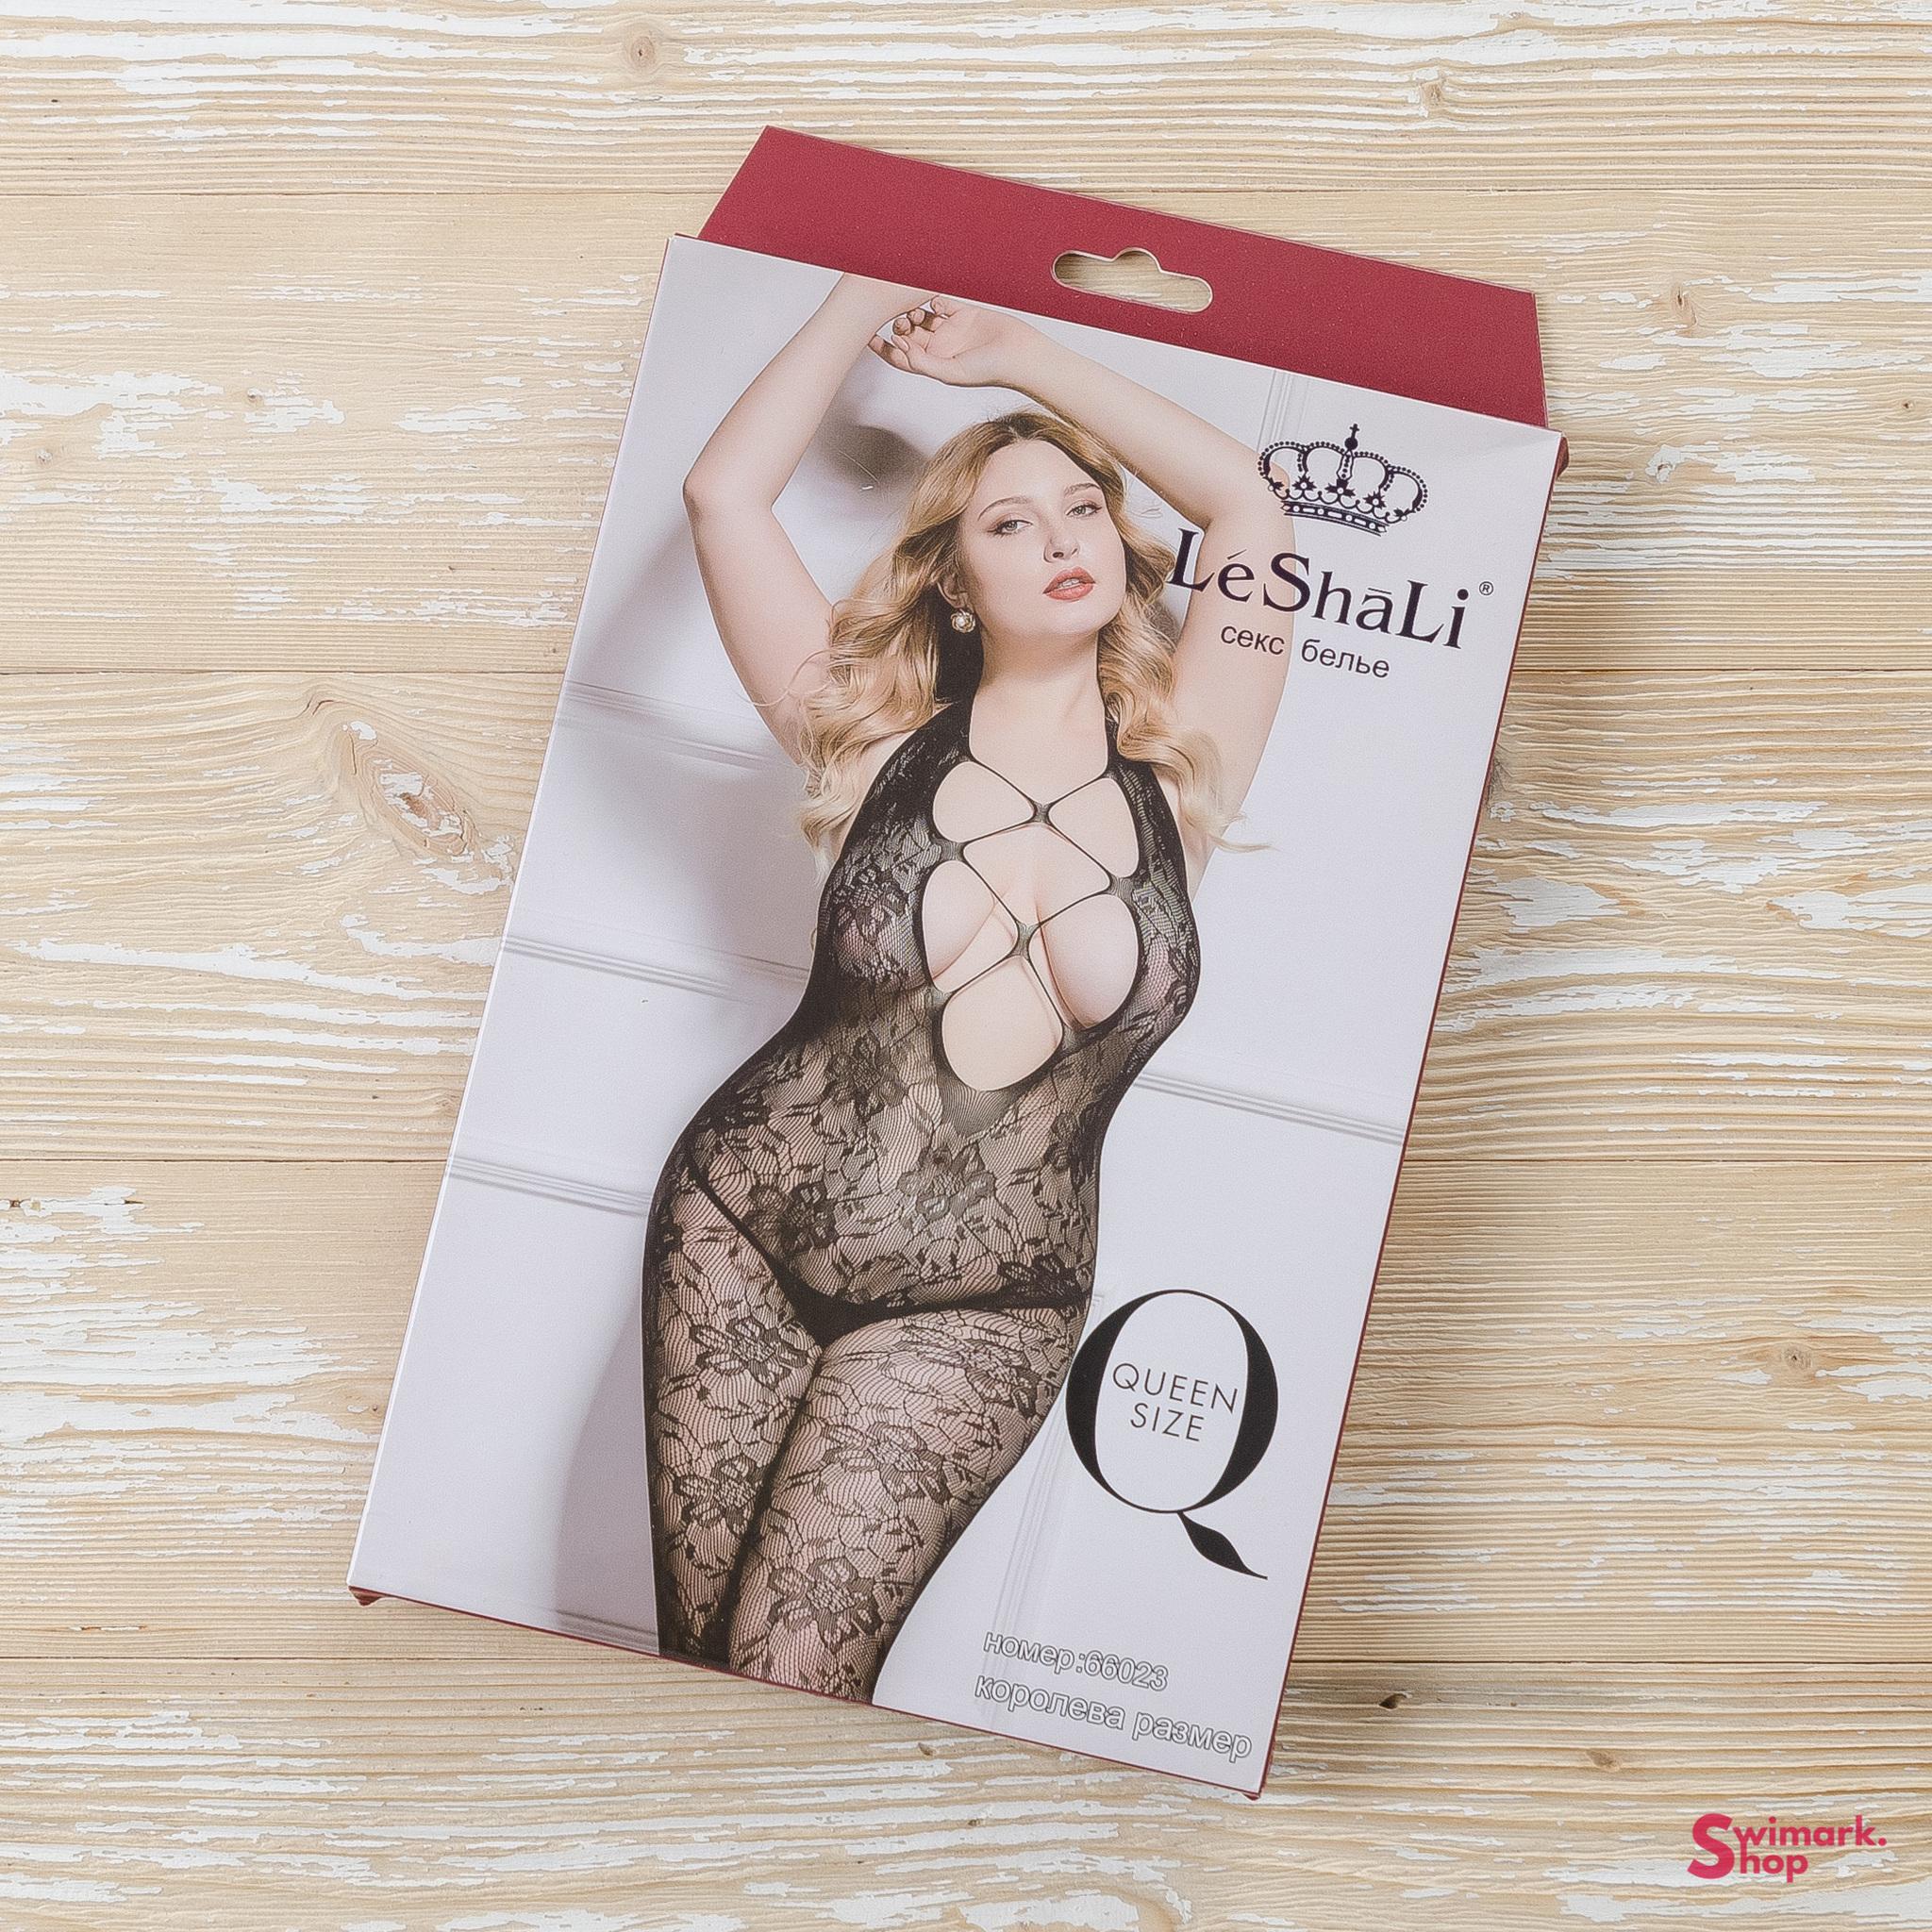 Le Shali Эротическая боди-сетка LE SHALI 66023 Queen Size swimarkshop-6929-2.jpg